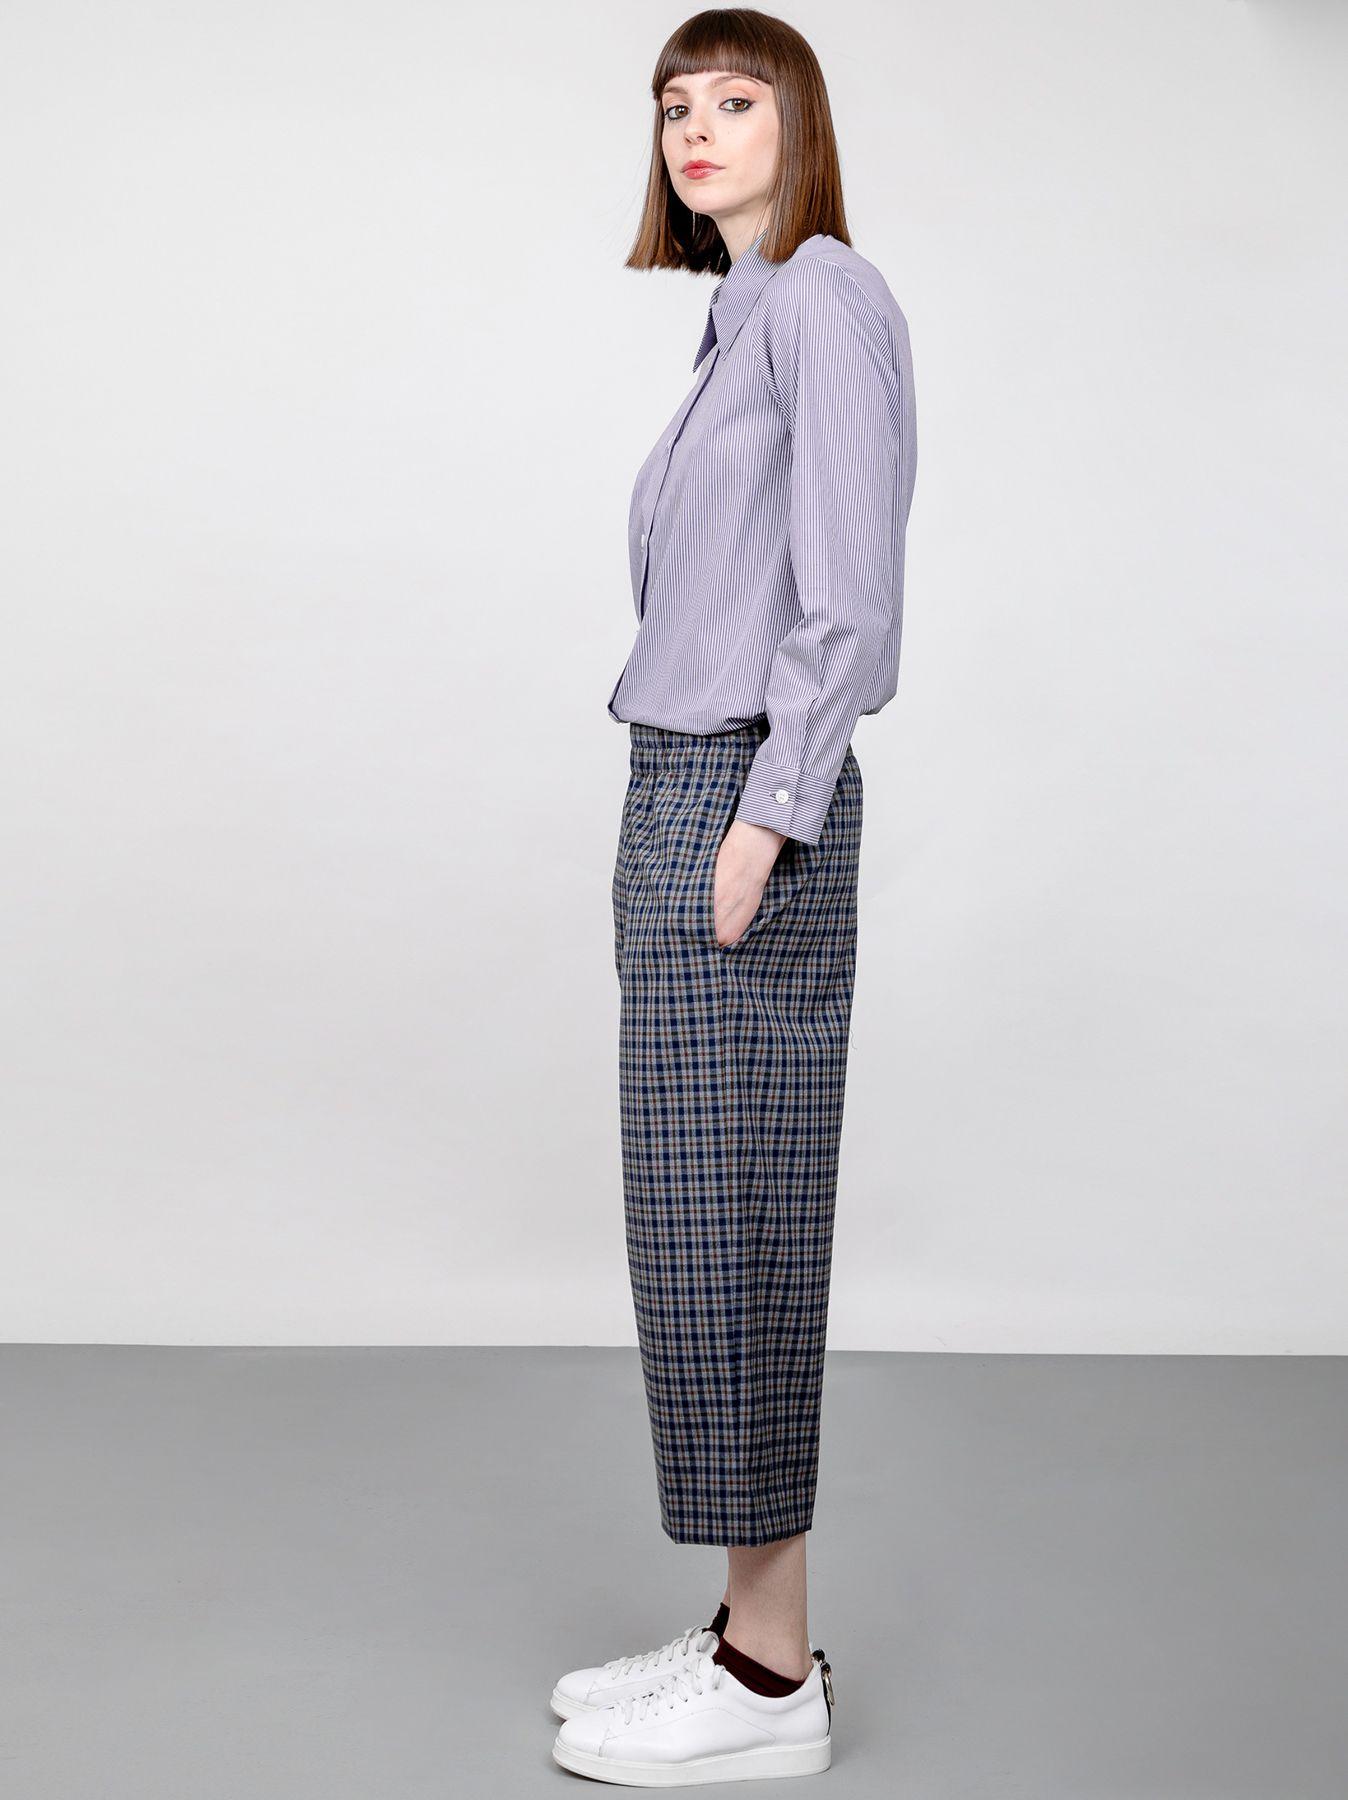 Pantalone palazzo corto in tessuto check